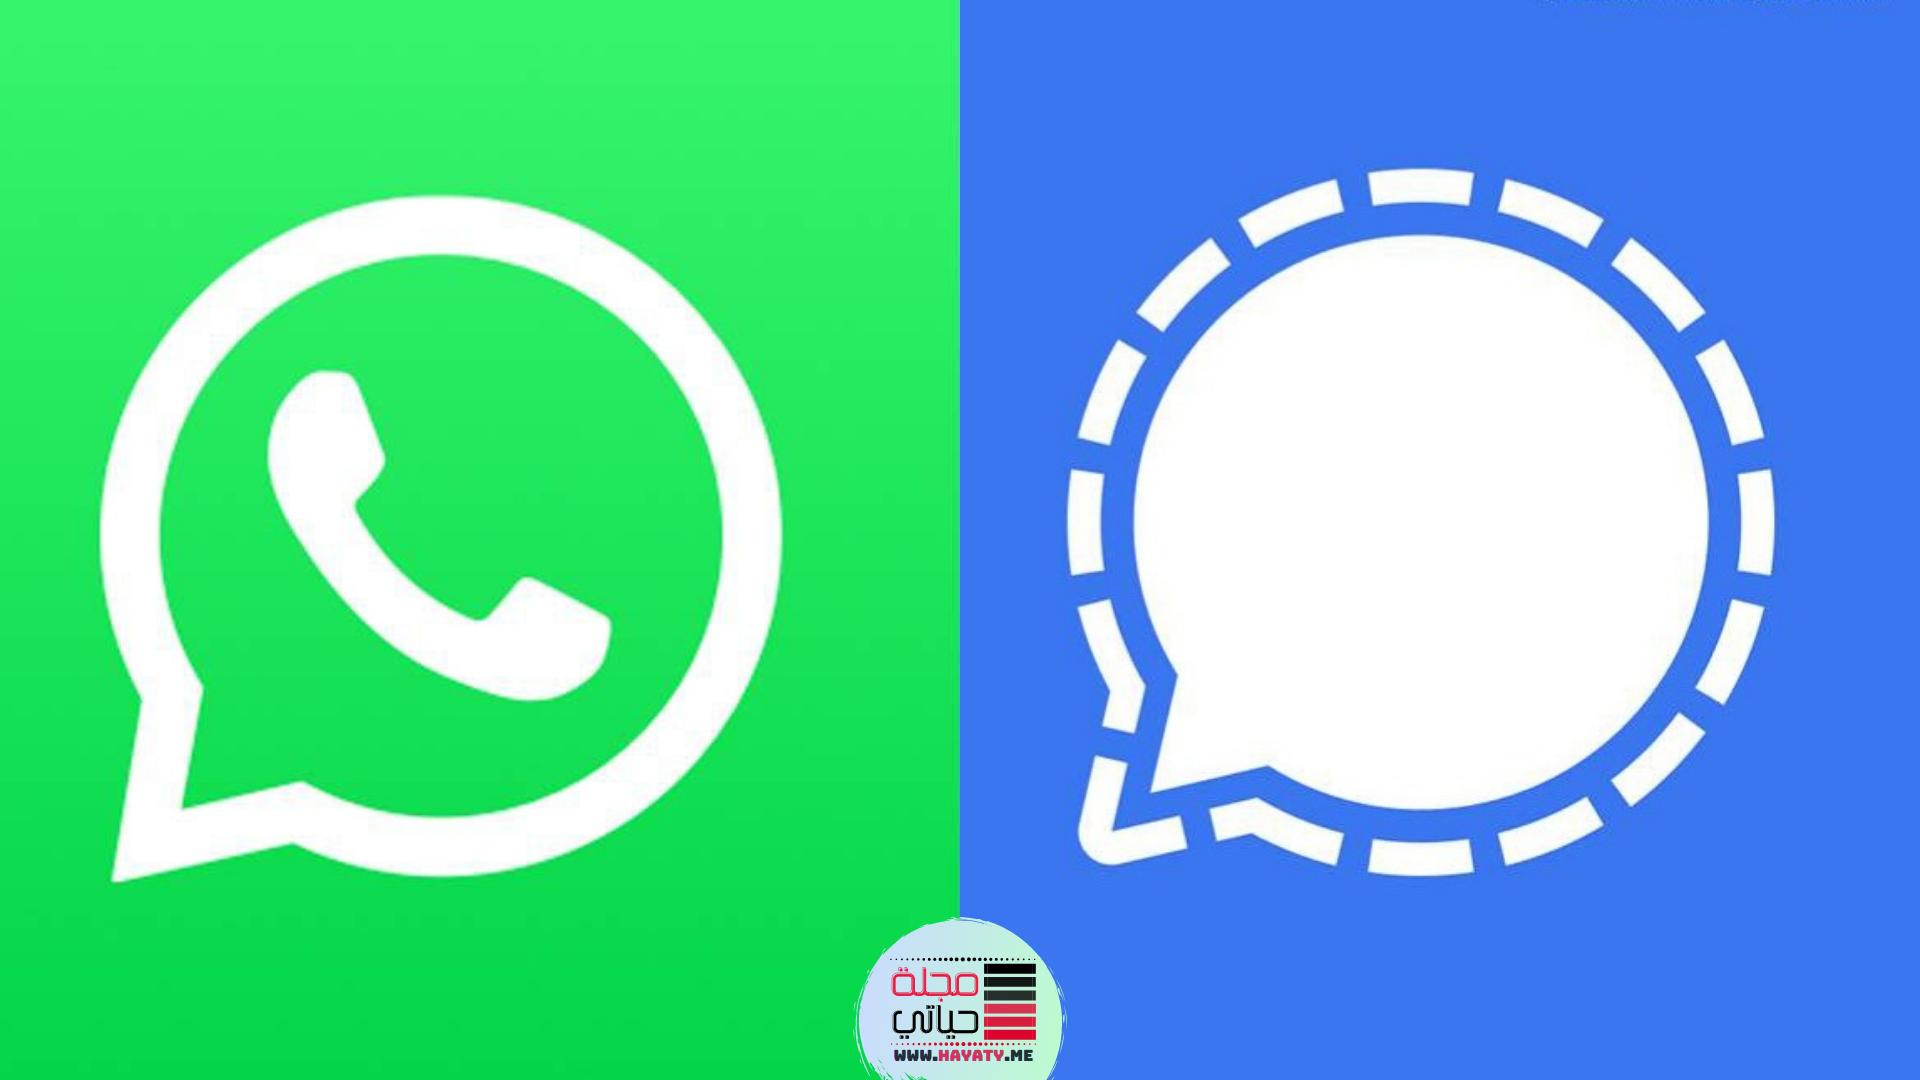 صورة لشعار تطبيق سيجنال بجانبه شعار واتساب